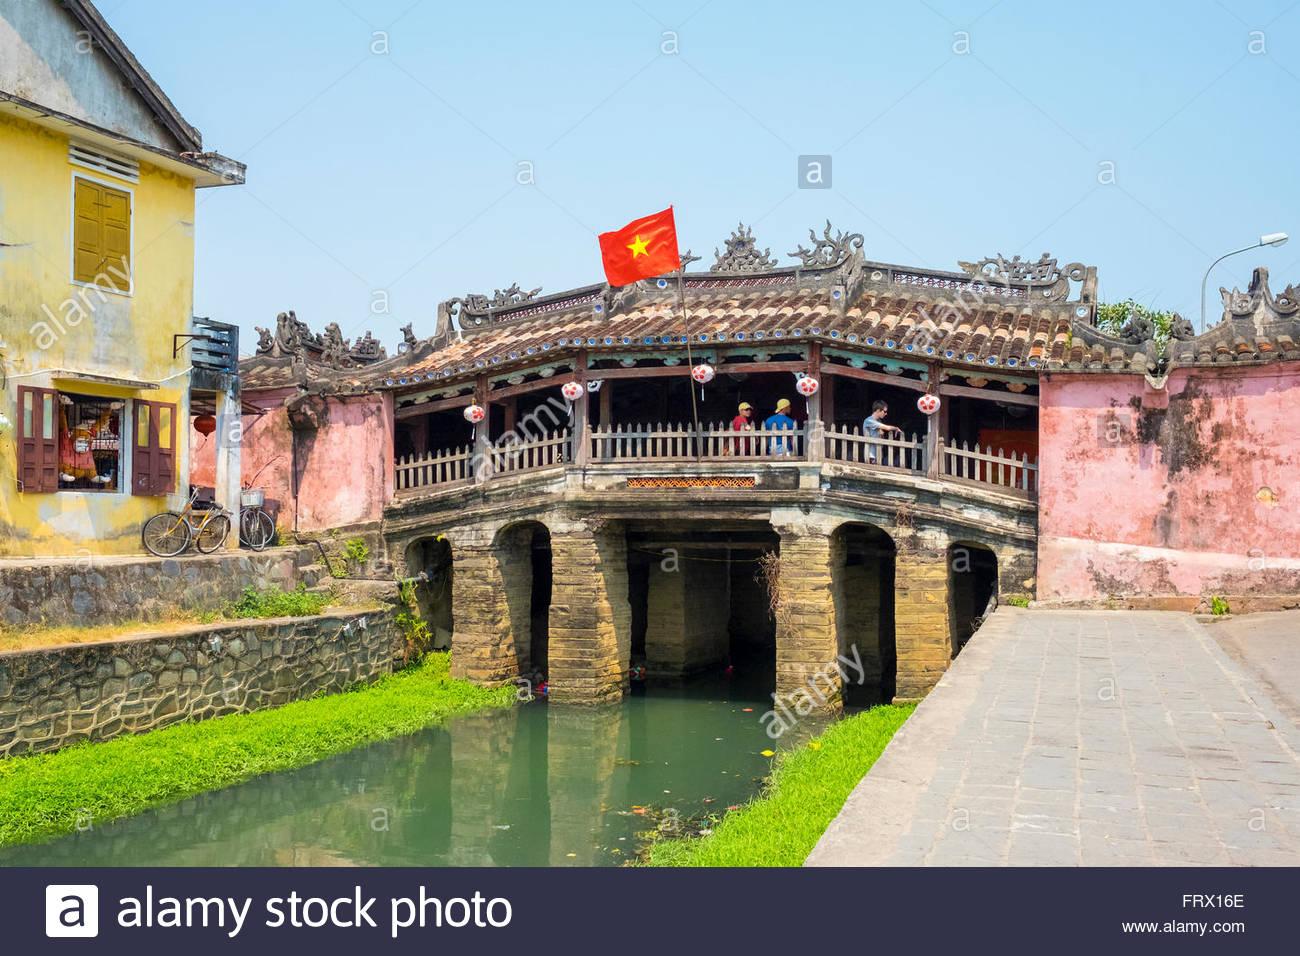 Die japanische überdachte Brücke in Hoi an einer alten Stadt, Hoi an, Provinz Quang Nam, Vietnam Stockbild